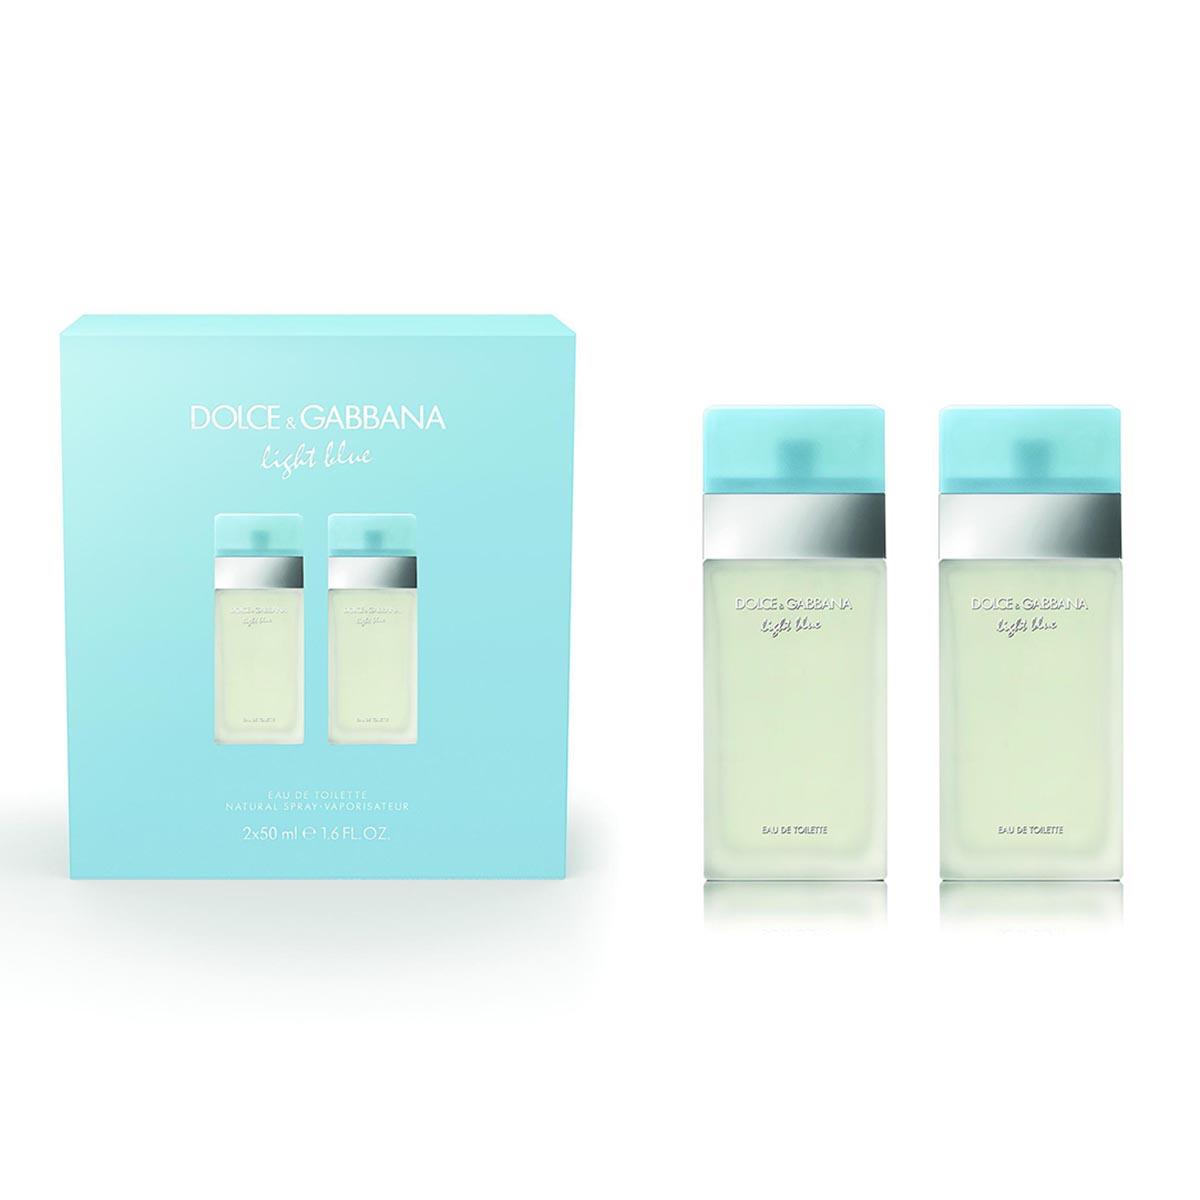 Dolce gabbana light blue eau de toilette 50ml vaporizador eau de toilette 50ml vaporizador